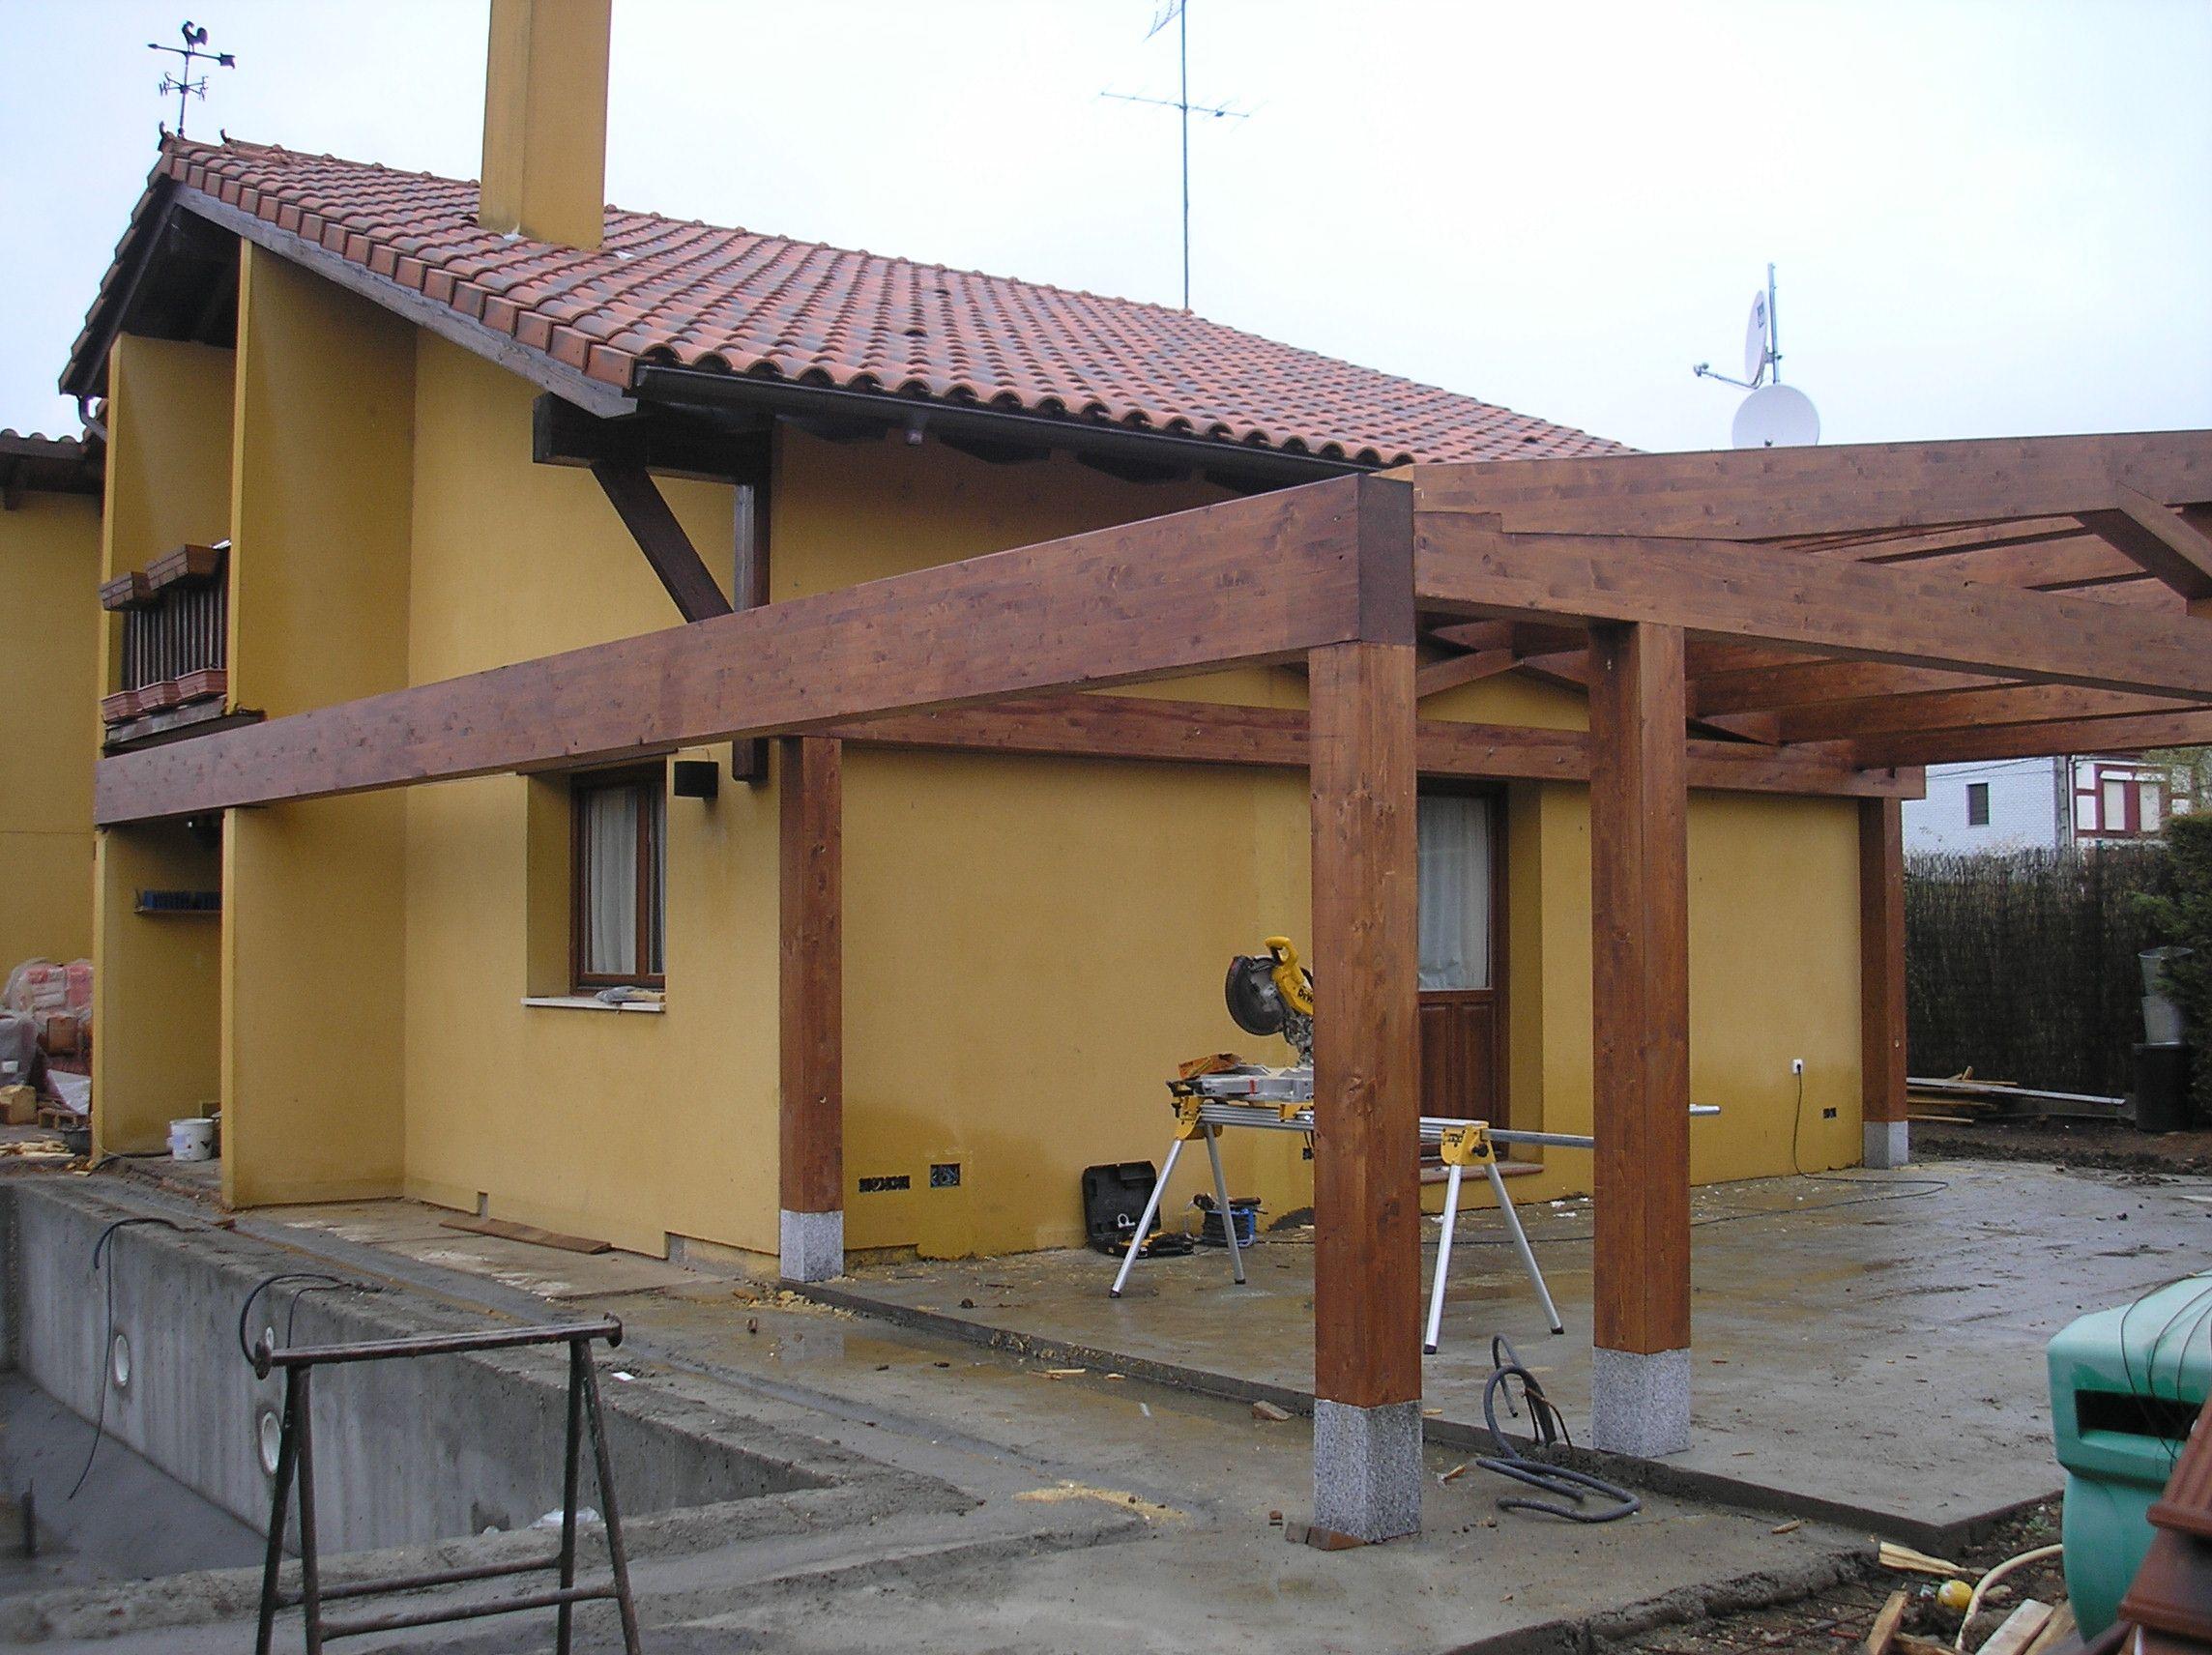 Construcci n porche a dos aguas en la trasera y lateral de for Techos diferentes